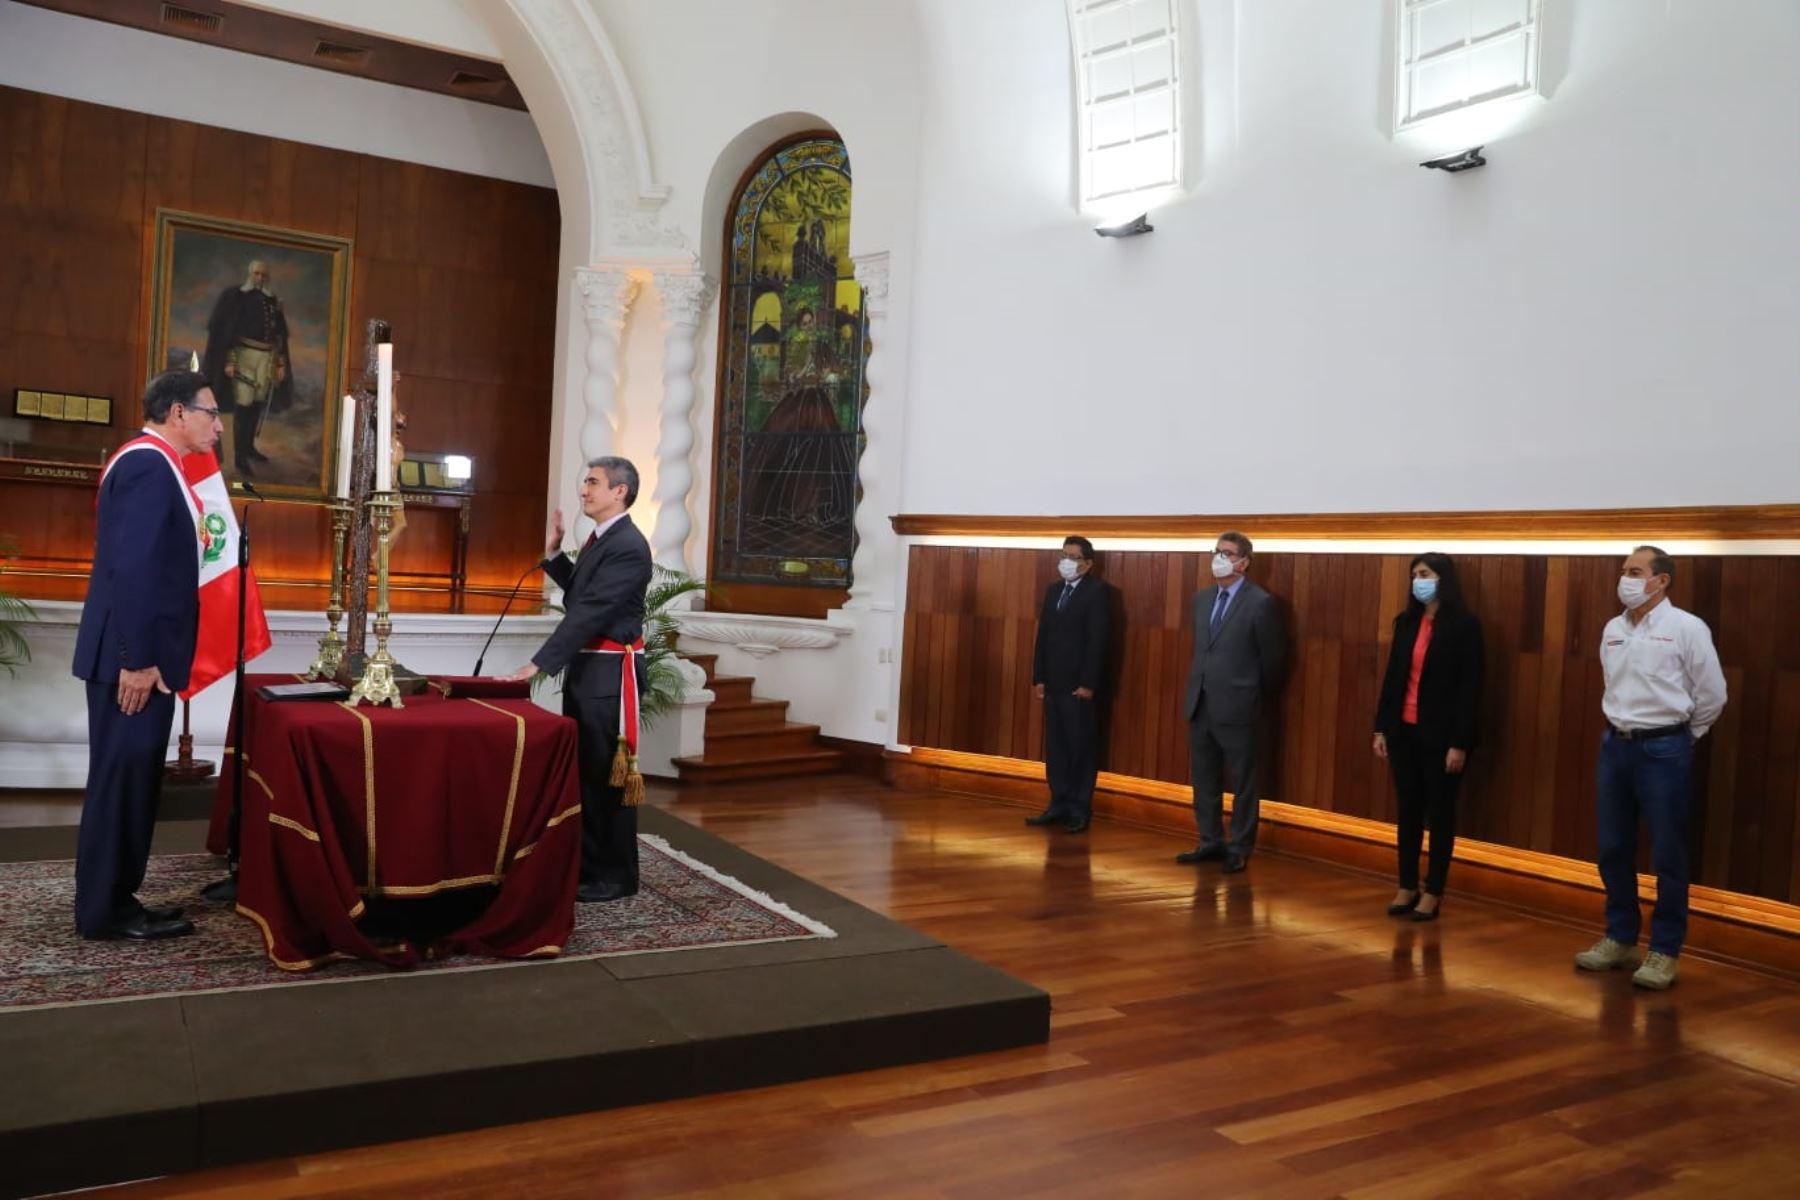 El presidente de la República, Martín Vizcarra, tomó hoy juramento a Alejandro Neyra como nuevo ministro de Cultura, en ceremonia realizada en Palacio de Gobierno. Foto: ANDINA/ Prensa Presidencia